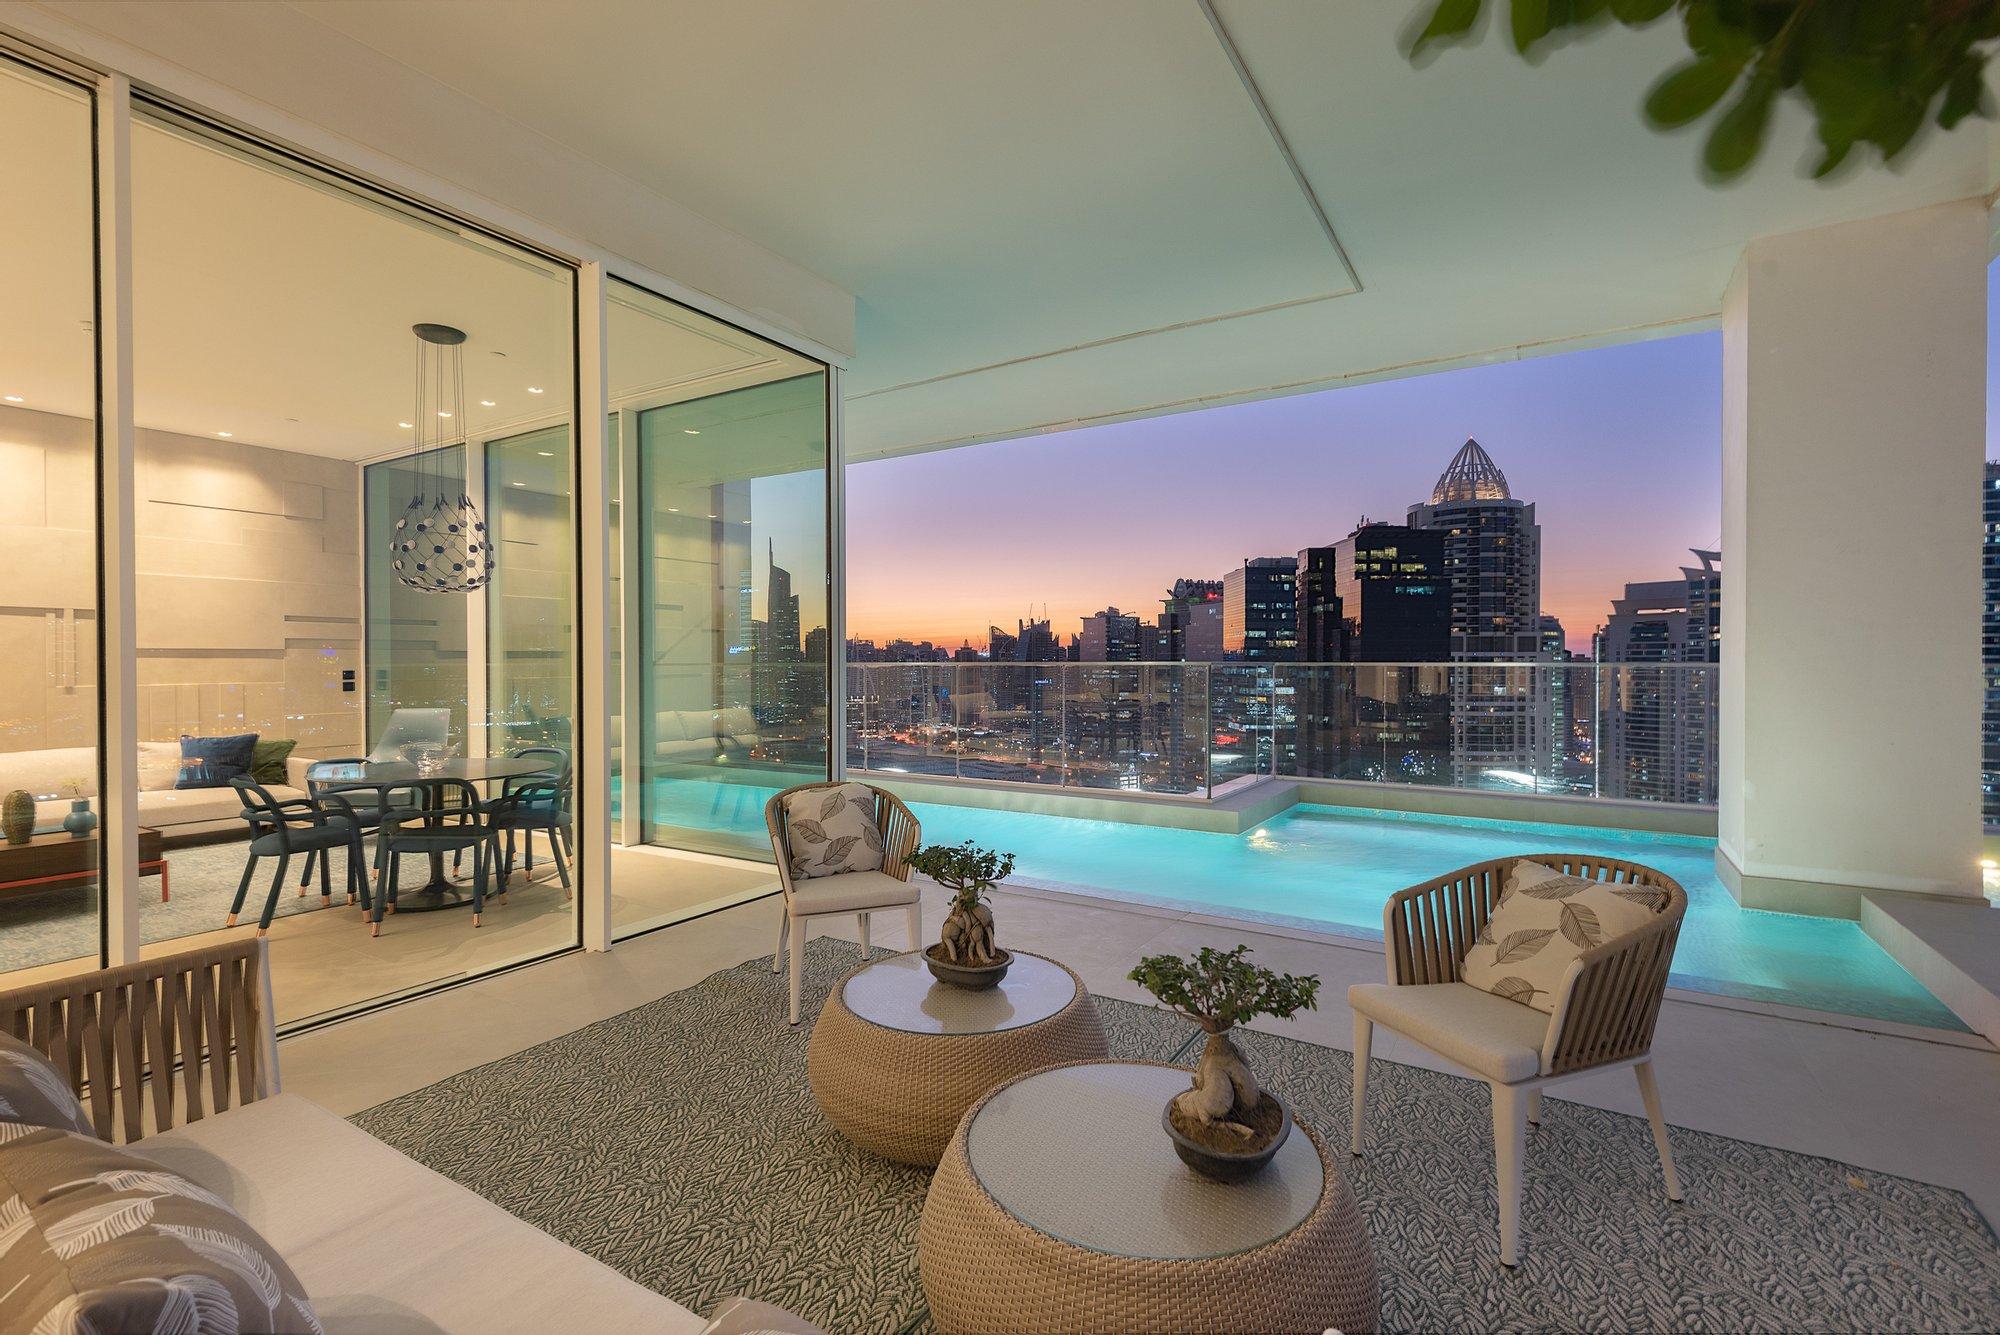 Apartment in Dubai, Dubai, United Arab Emirates 1 - 11309000